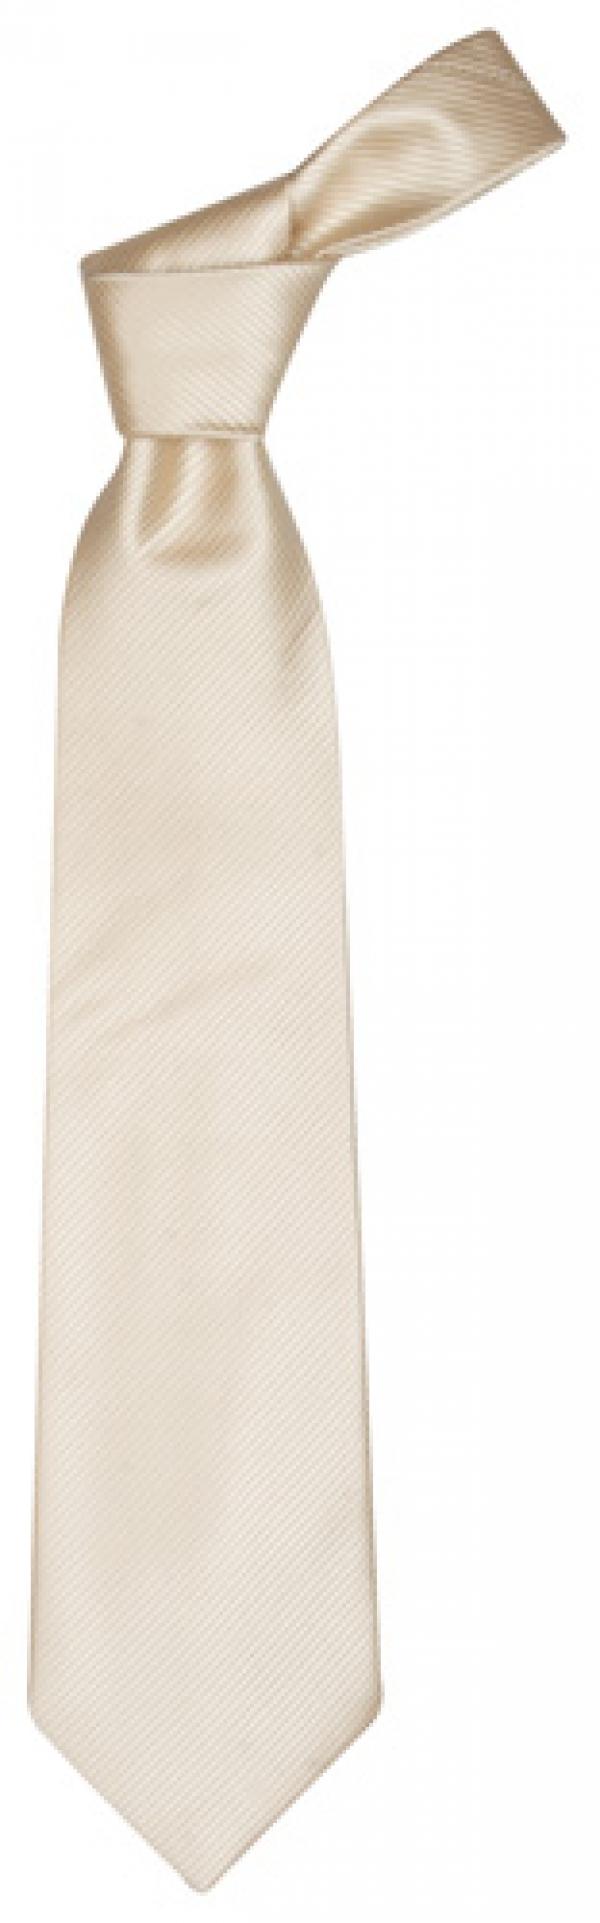 Cravata Premiere Line